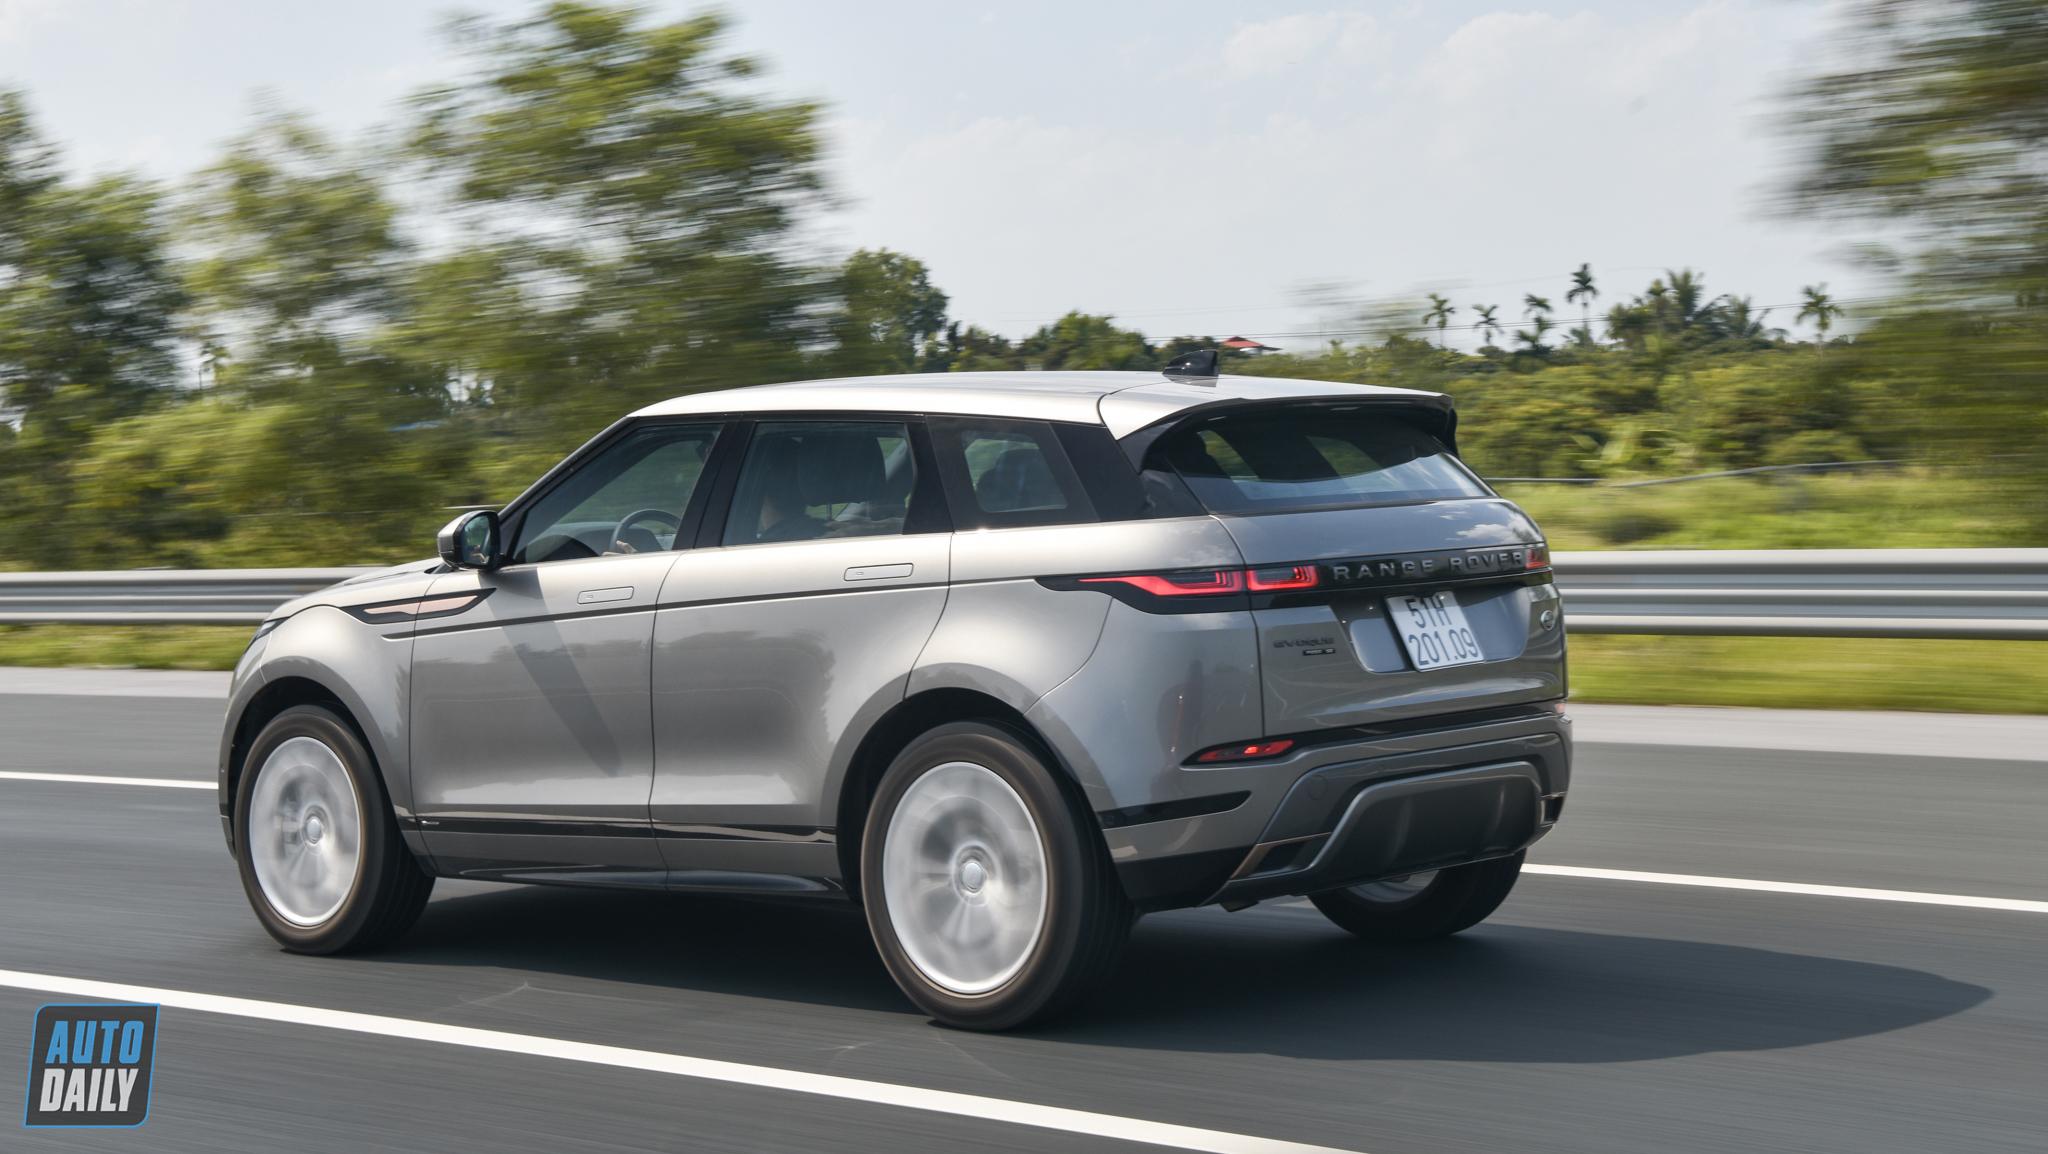 range-rover-evoque-2020-autodaily-39.jpg